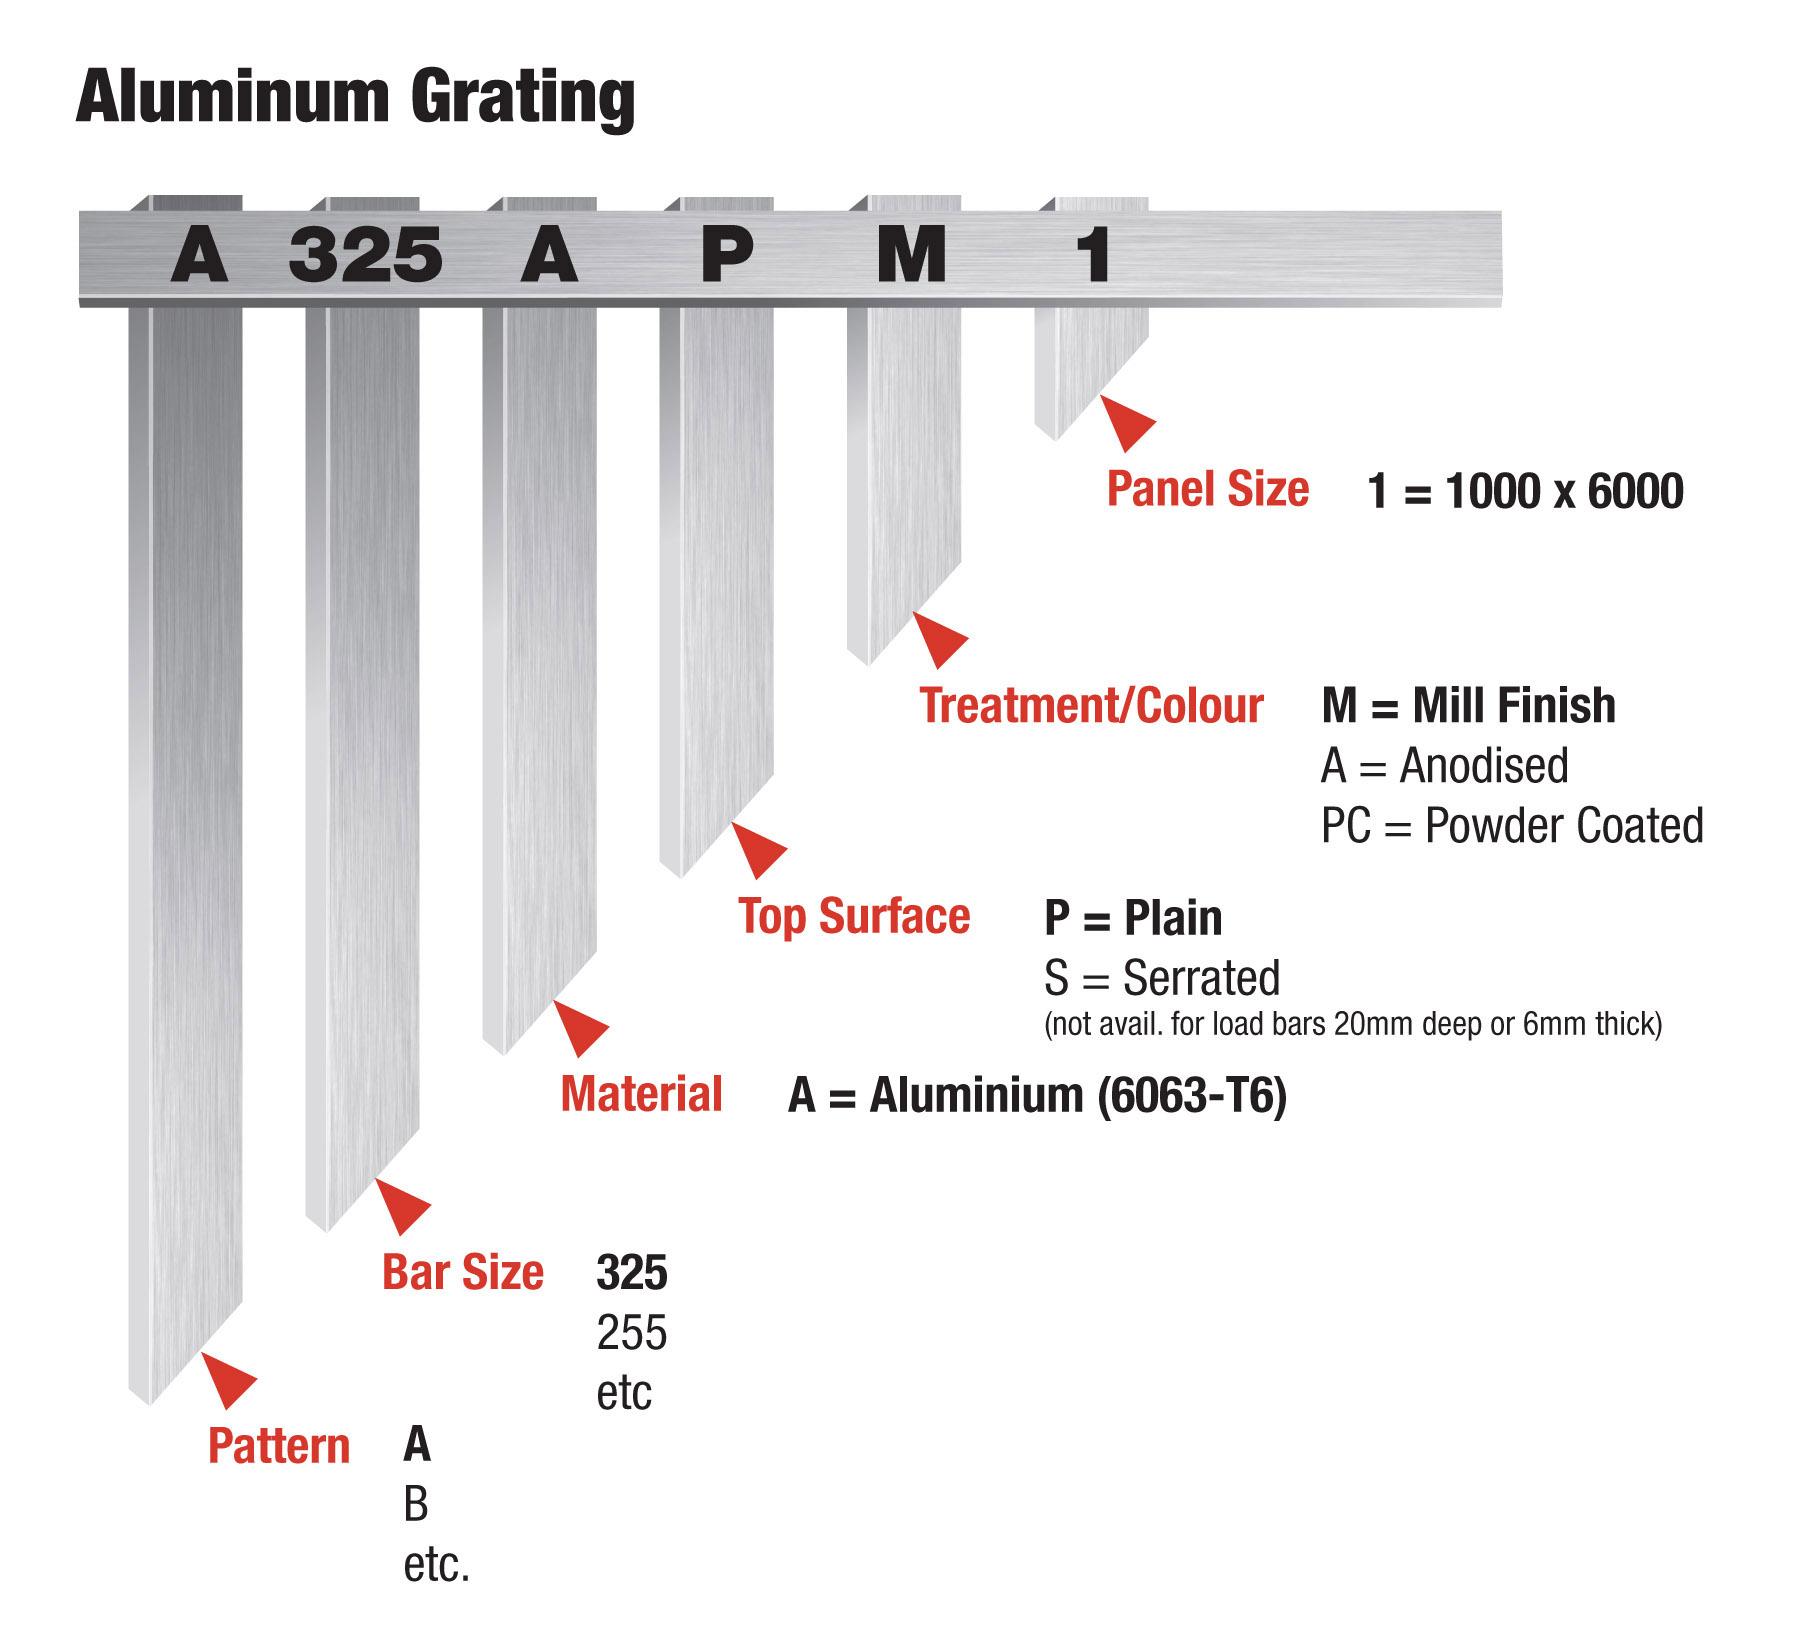 Aluminium grating part numbers